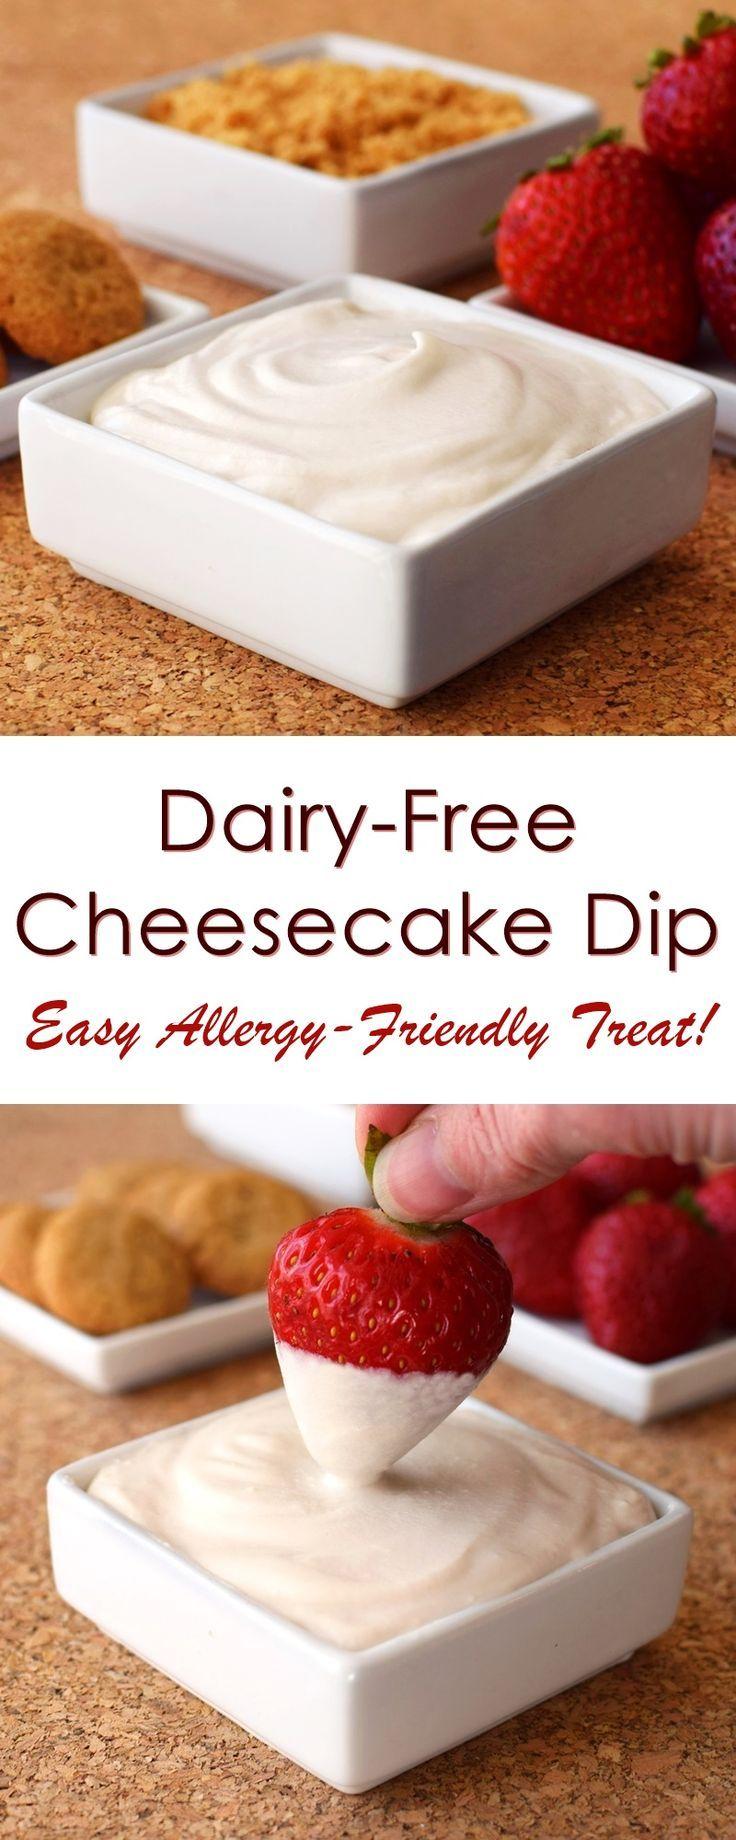 DairyFree Cheesecake Dip Recipe Dairy free cheesecake